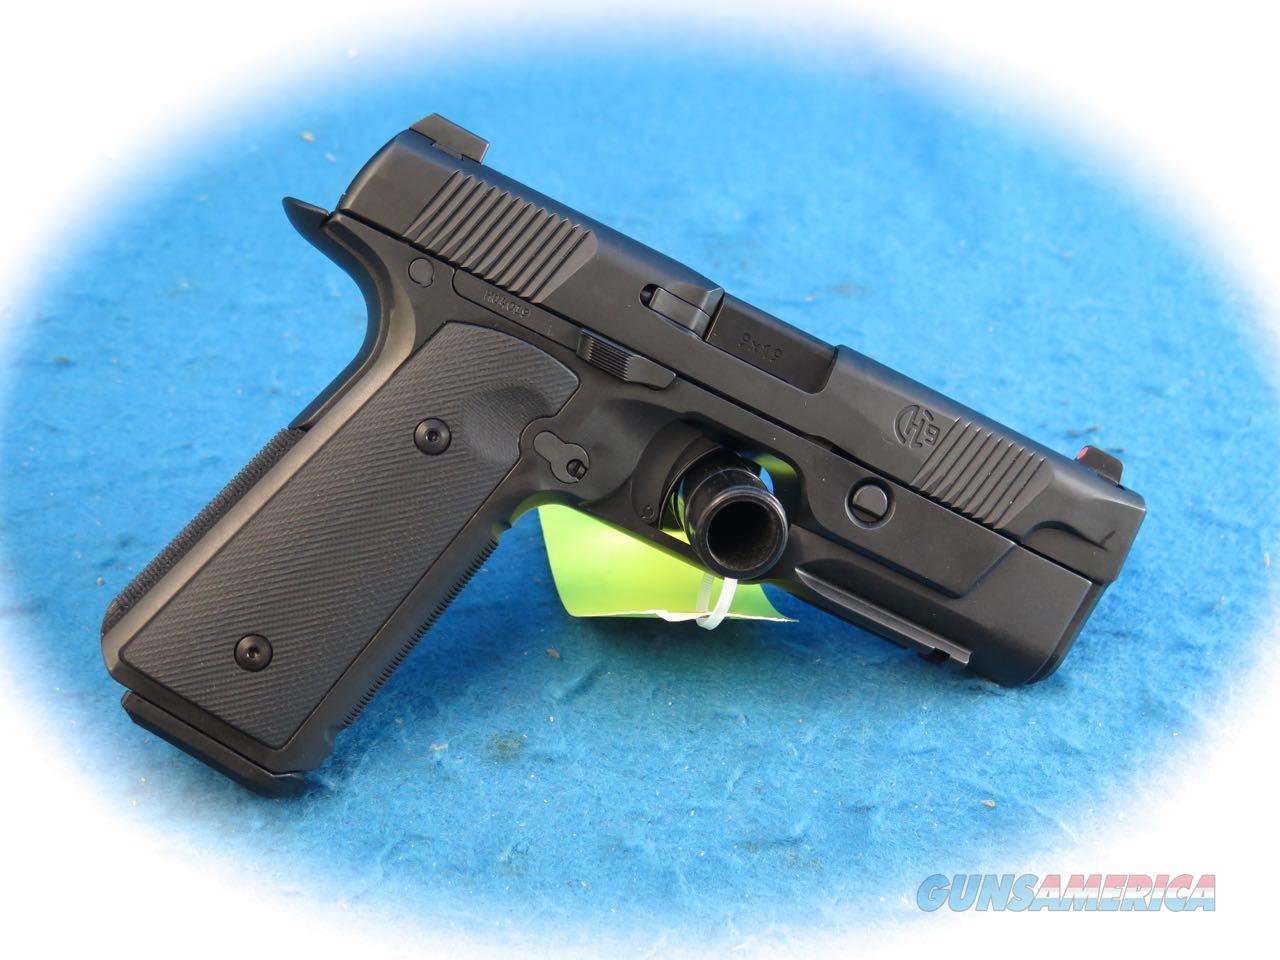 Hudson Mfg H9 Semi Auto 9mm Pistol **New**  Guns > Pistols > Hudson Pistols